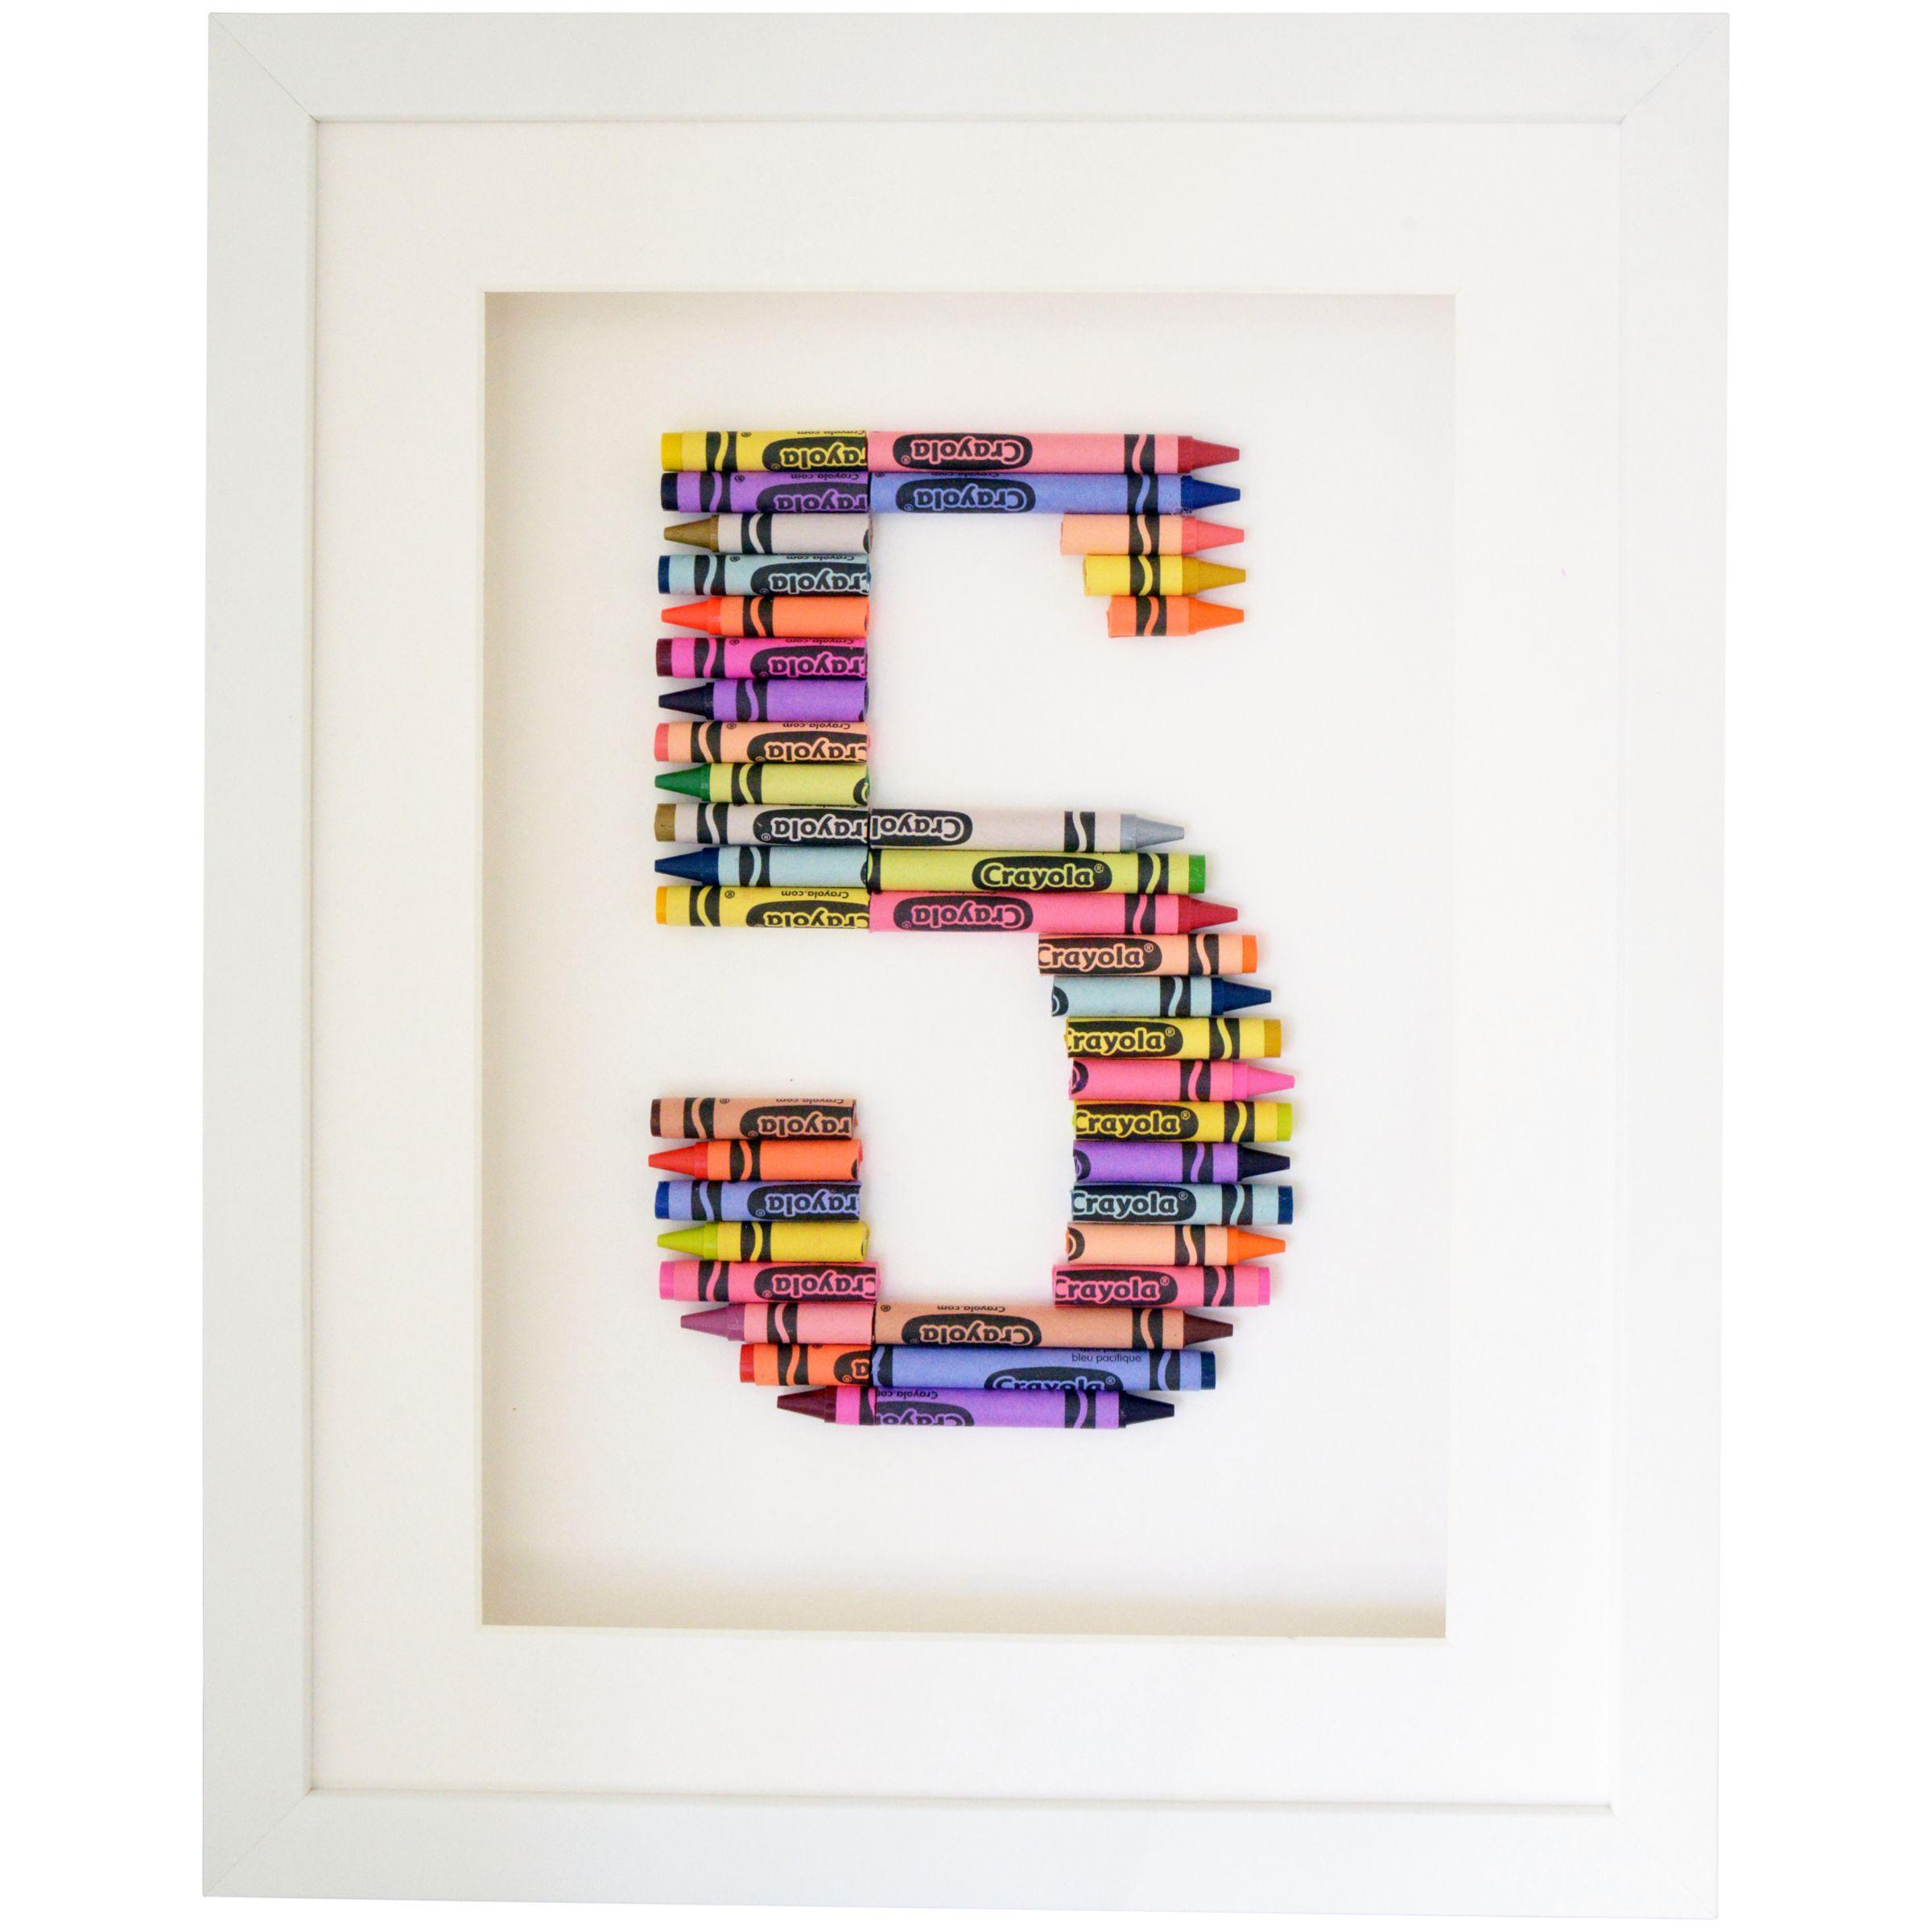 The Letteroom The Letteroom Crayon 5 Framed 3D Artwork, 34 x 29cm